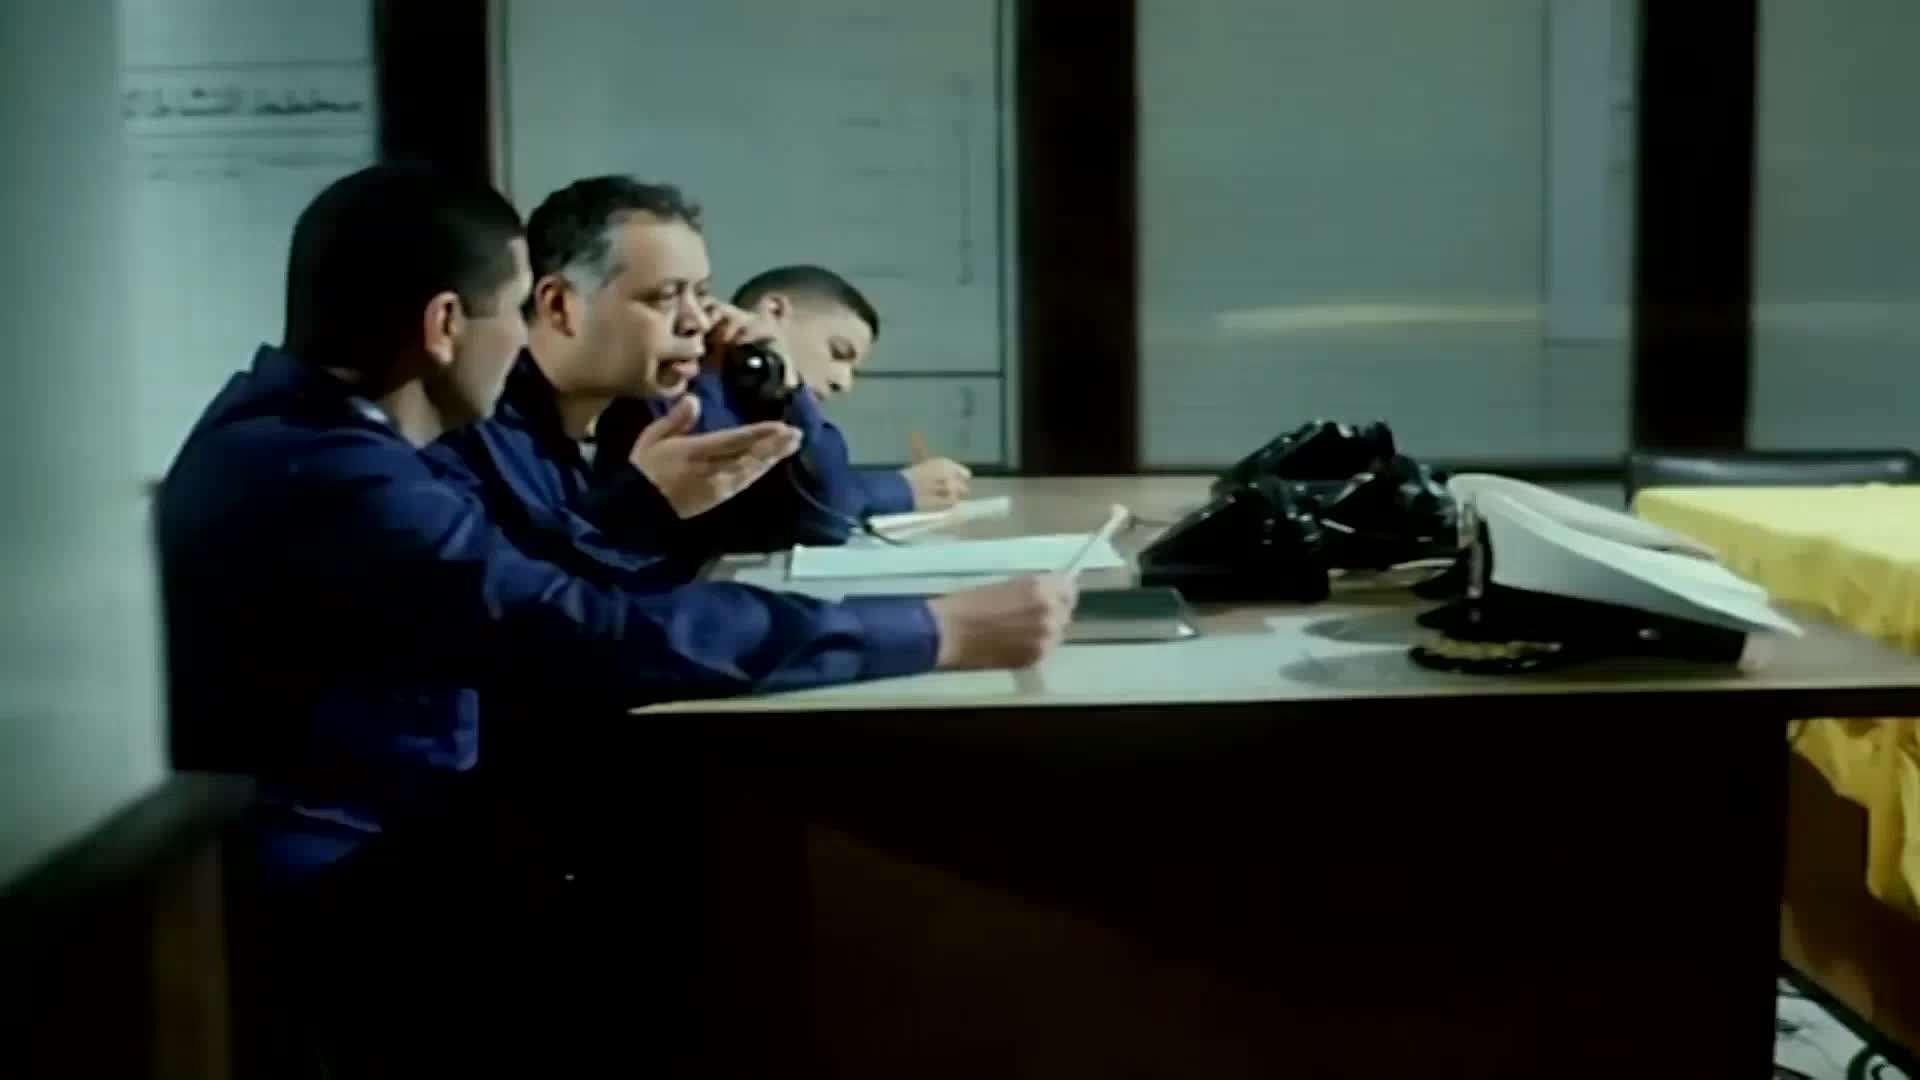 [فيلم][تورنت][تحميل][يوم الكرامة][2004][1080p][Web-DL] 15 arabp2p.com